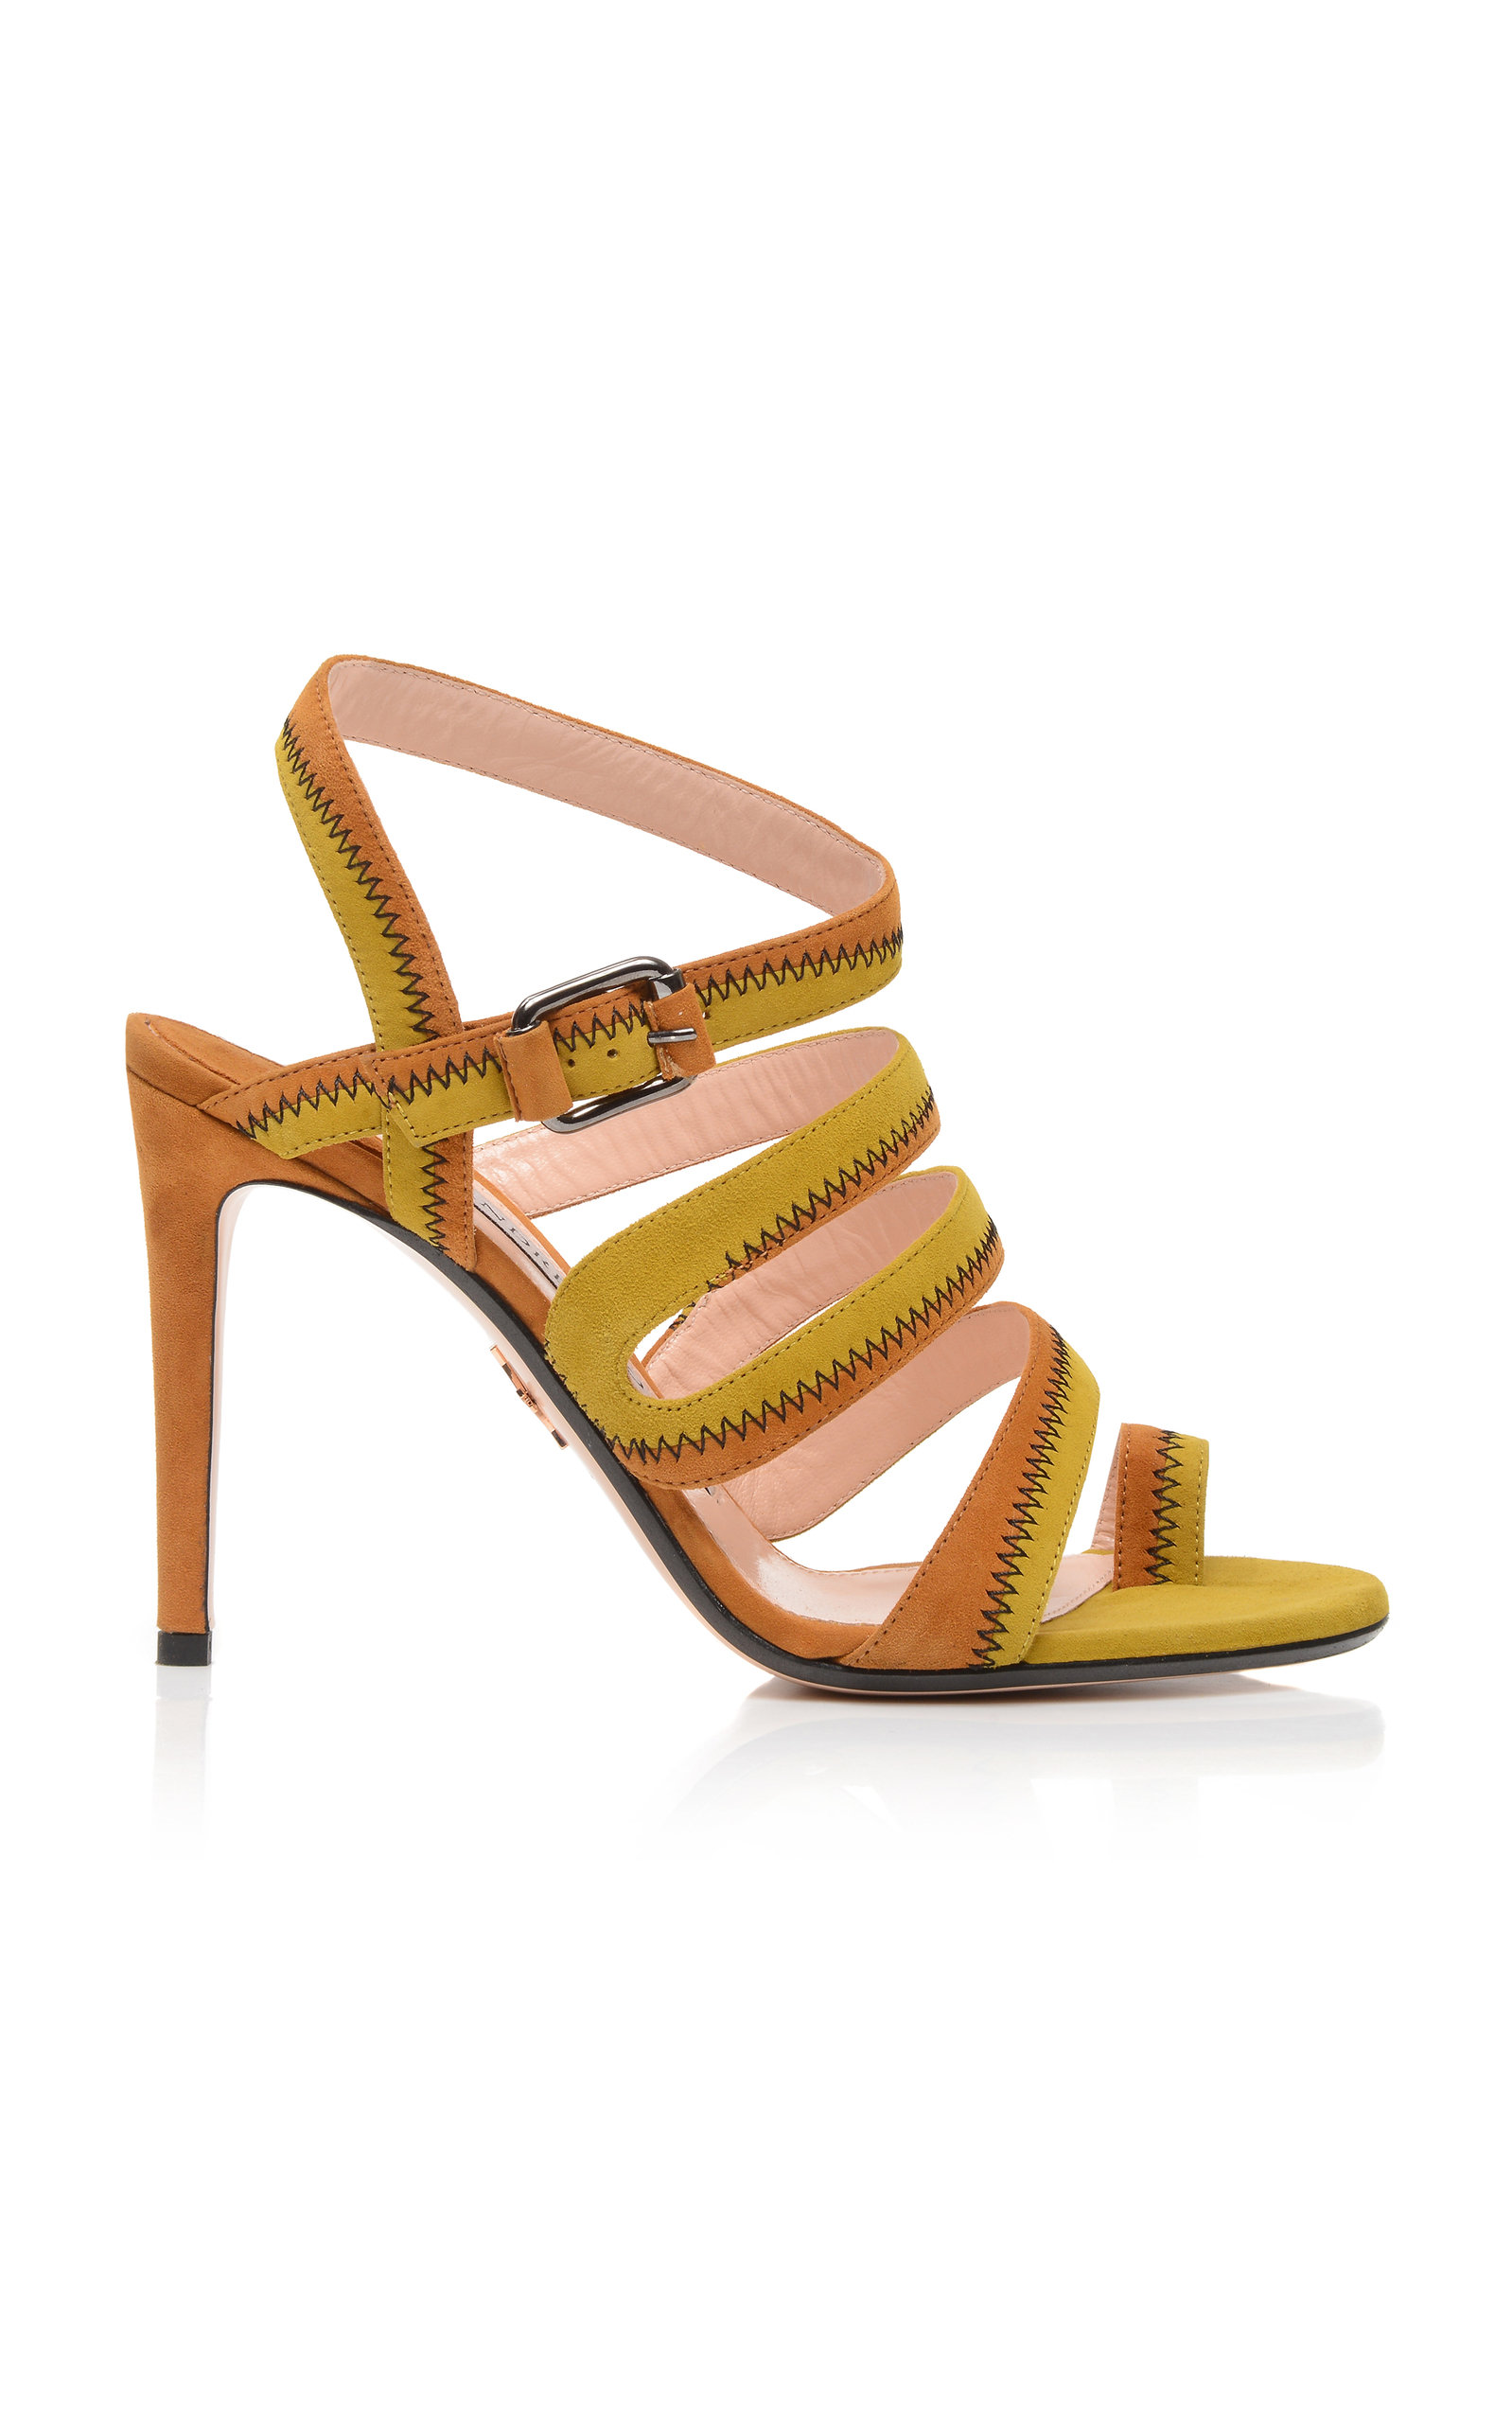 ANDREA GOMEZ Desy Strap Sandal in Gold